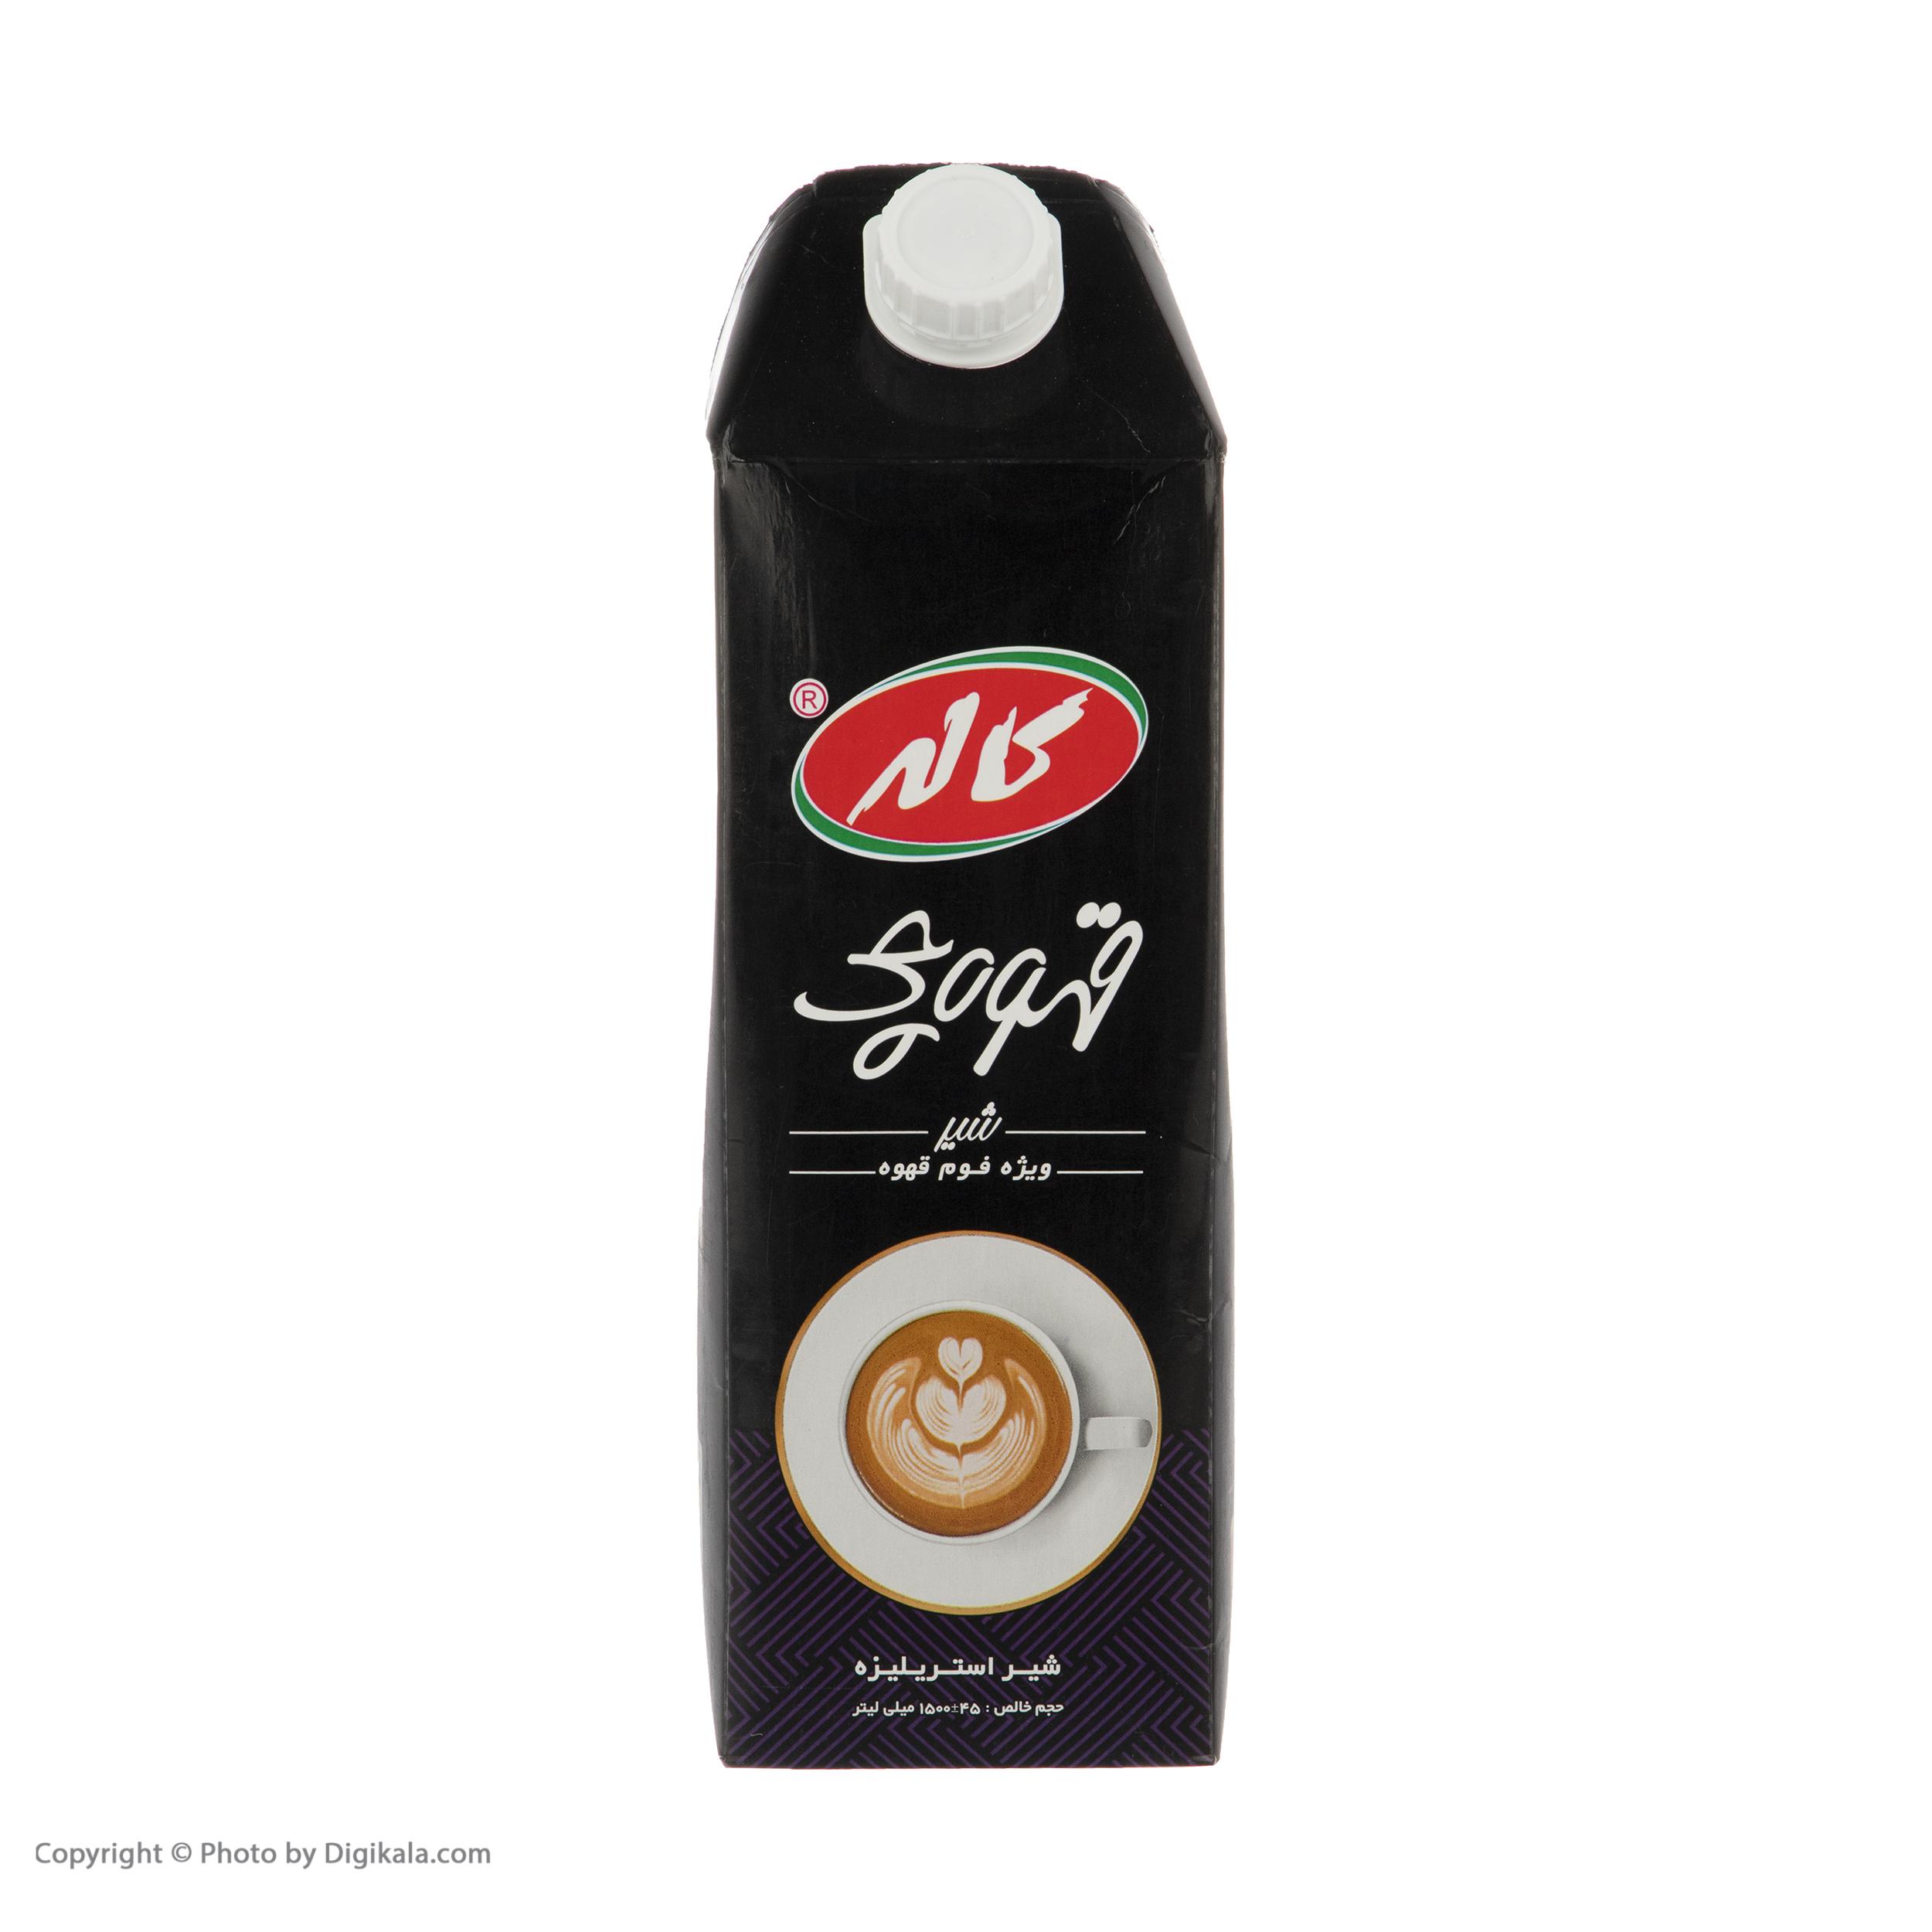 شیر باریستا کاله - 1.5 لیتر